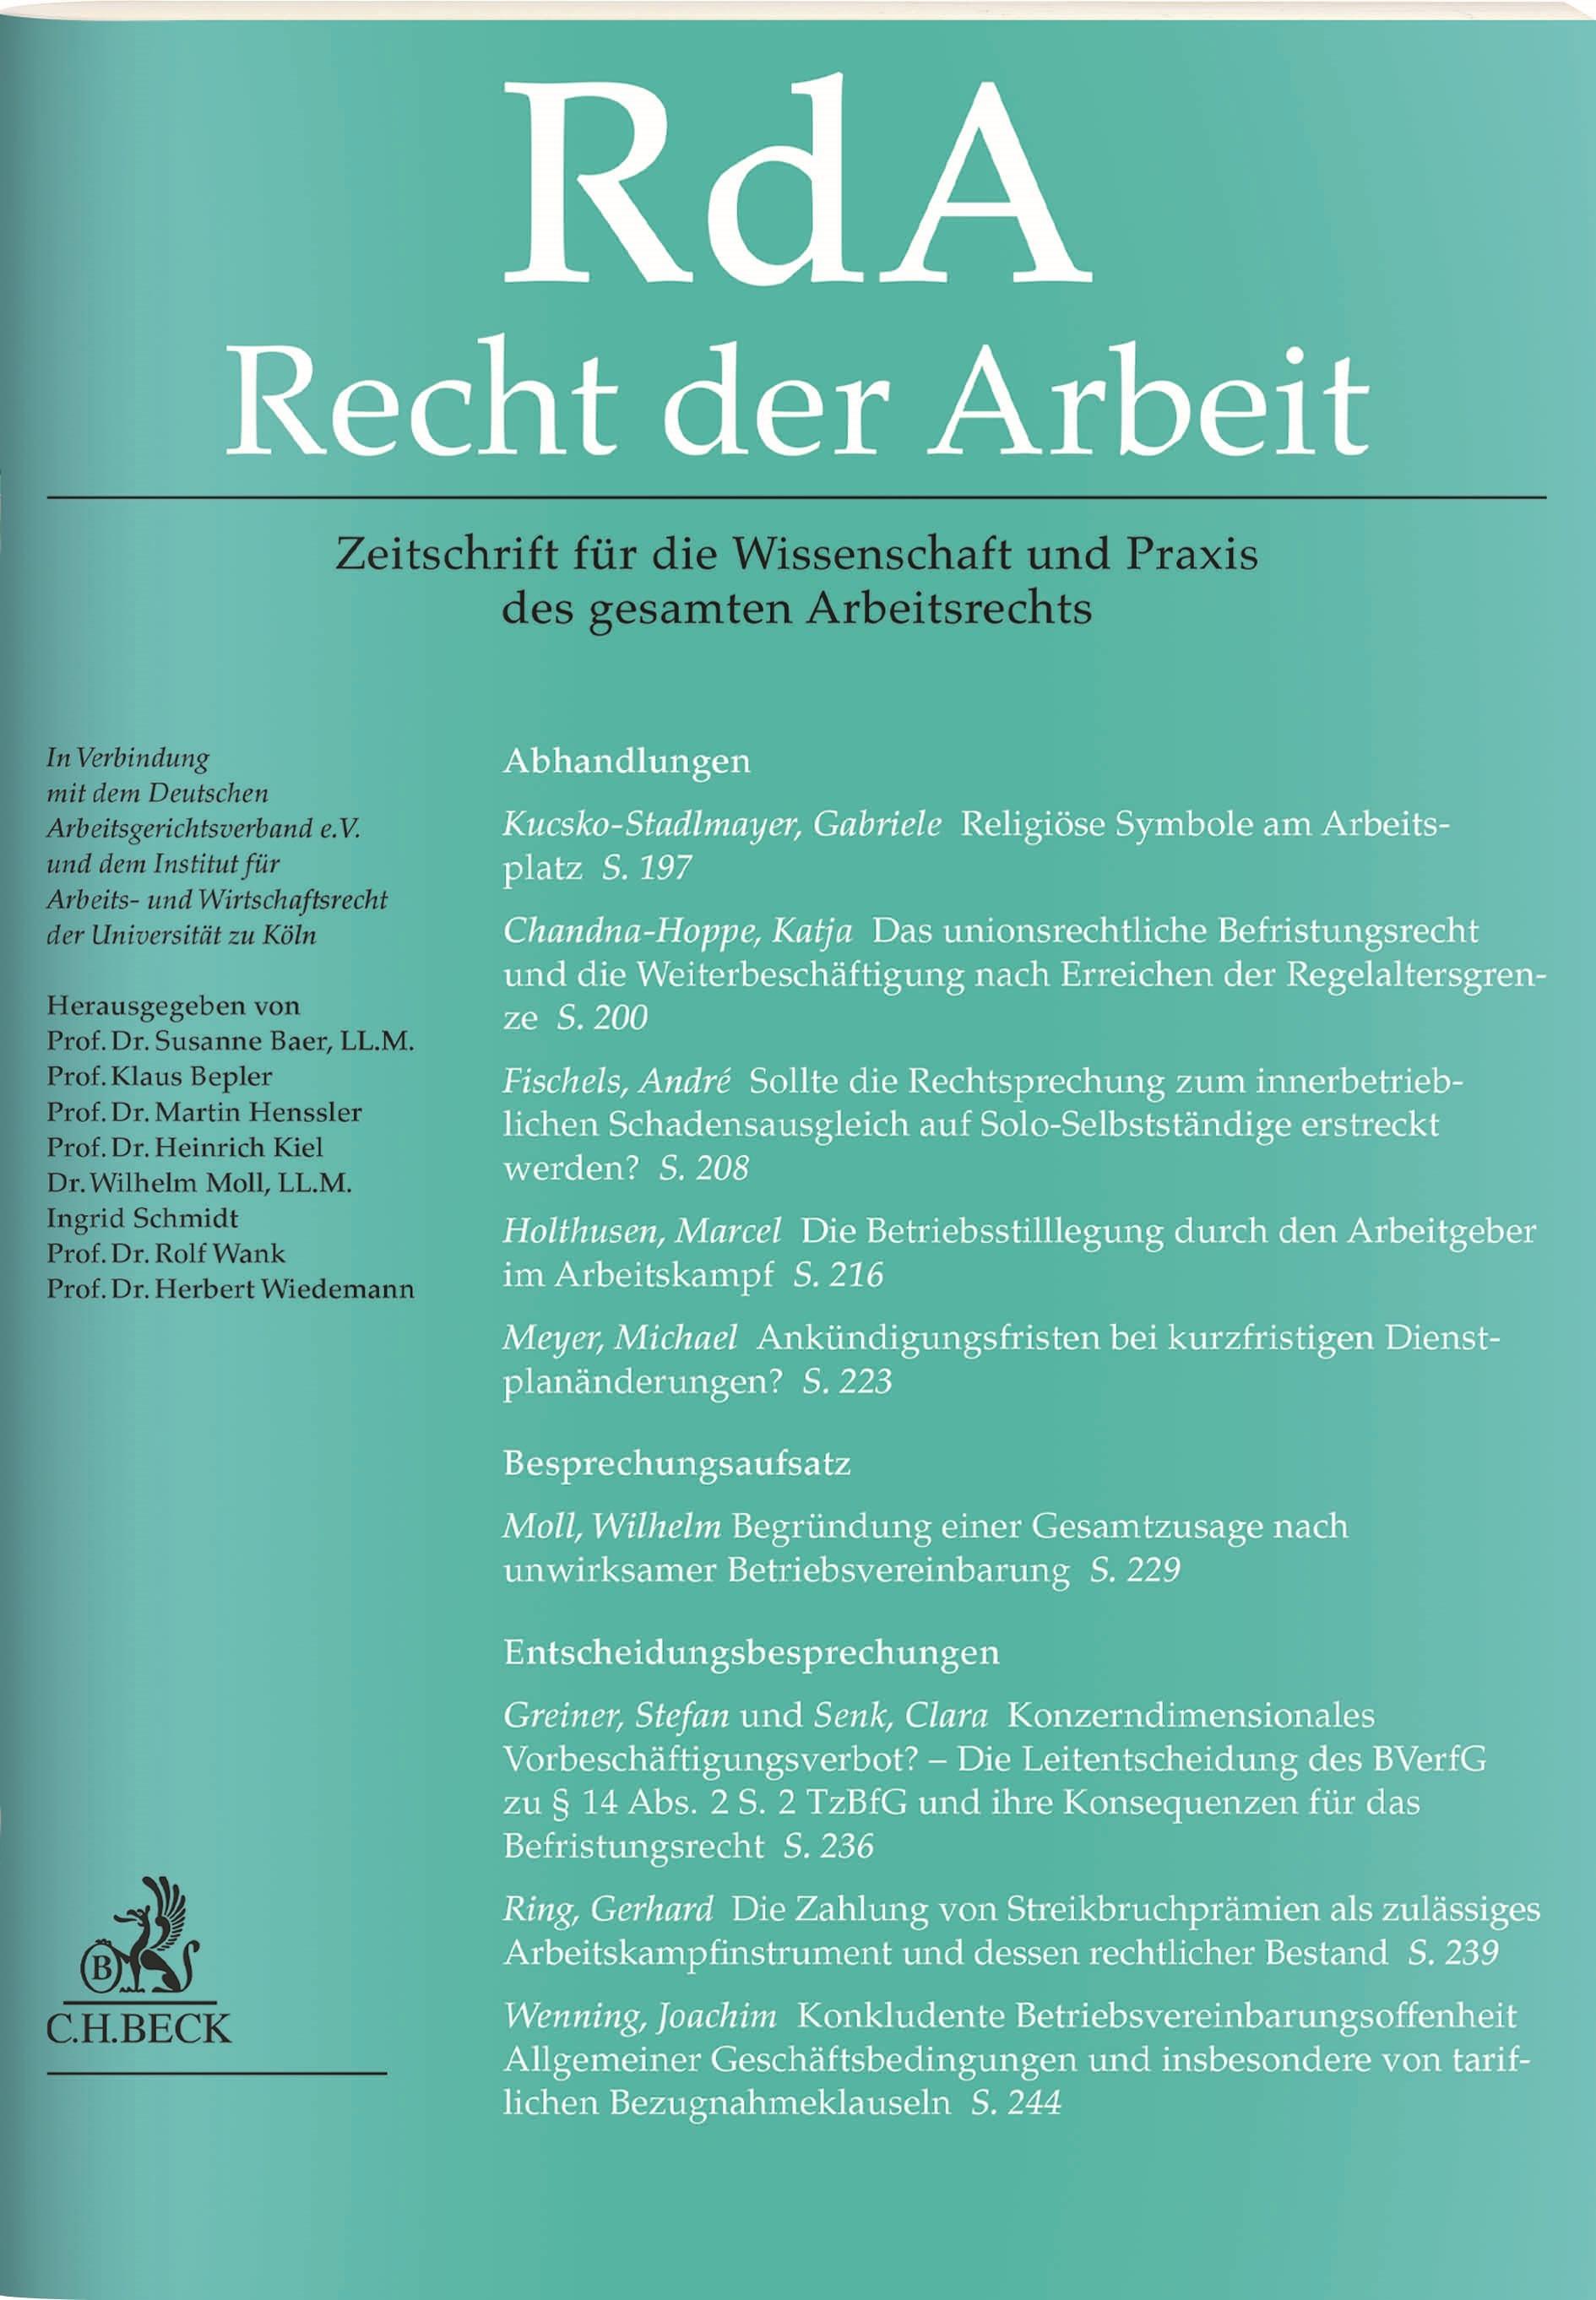 RdA • Recht der Arbeit (Cover)